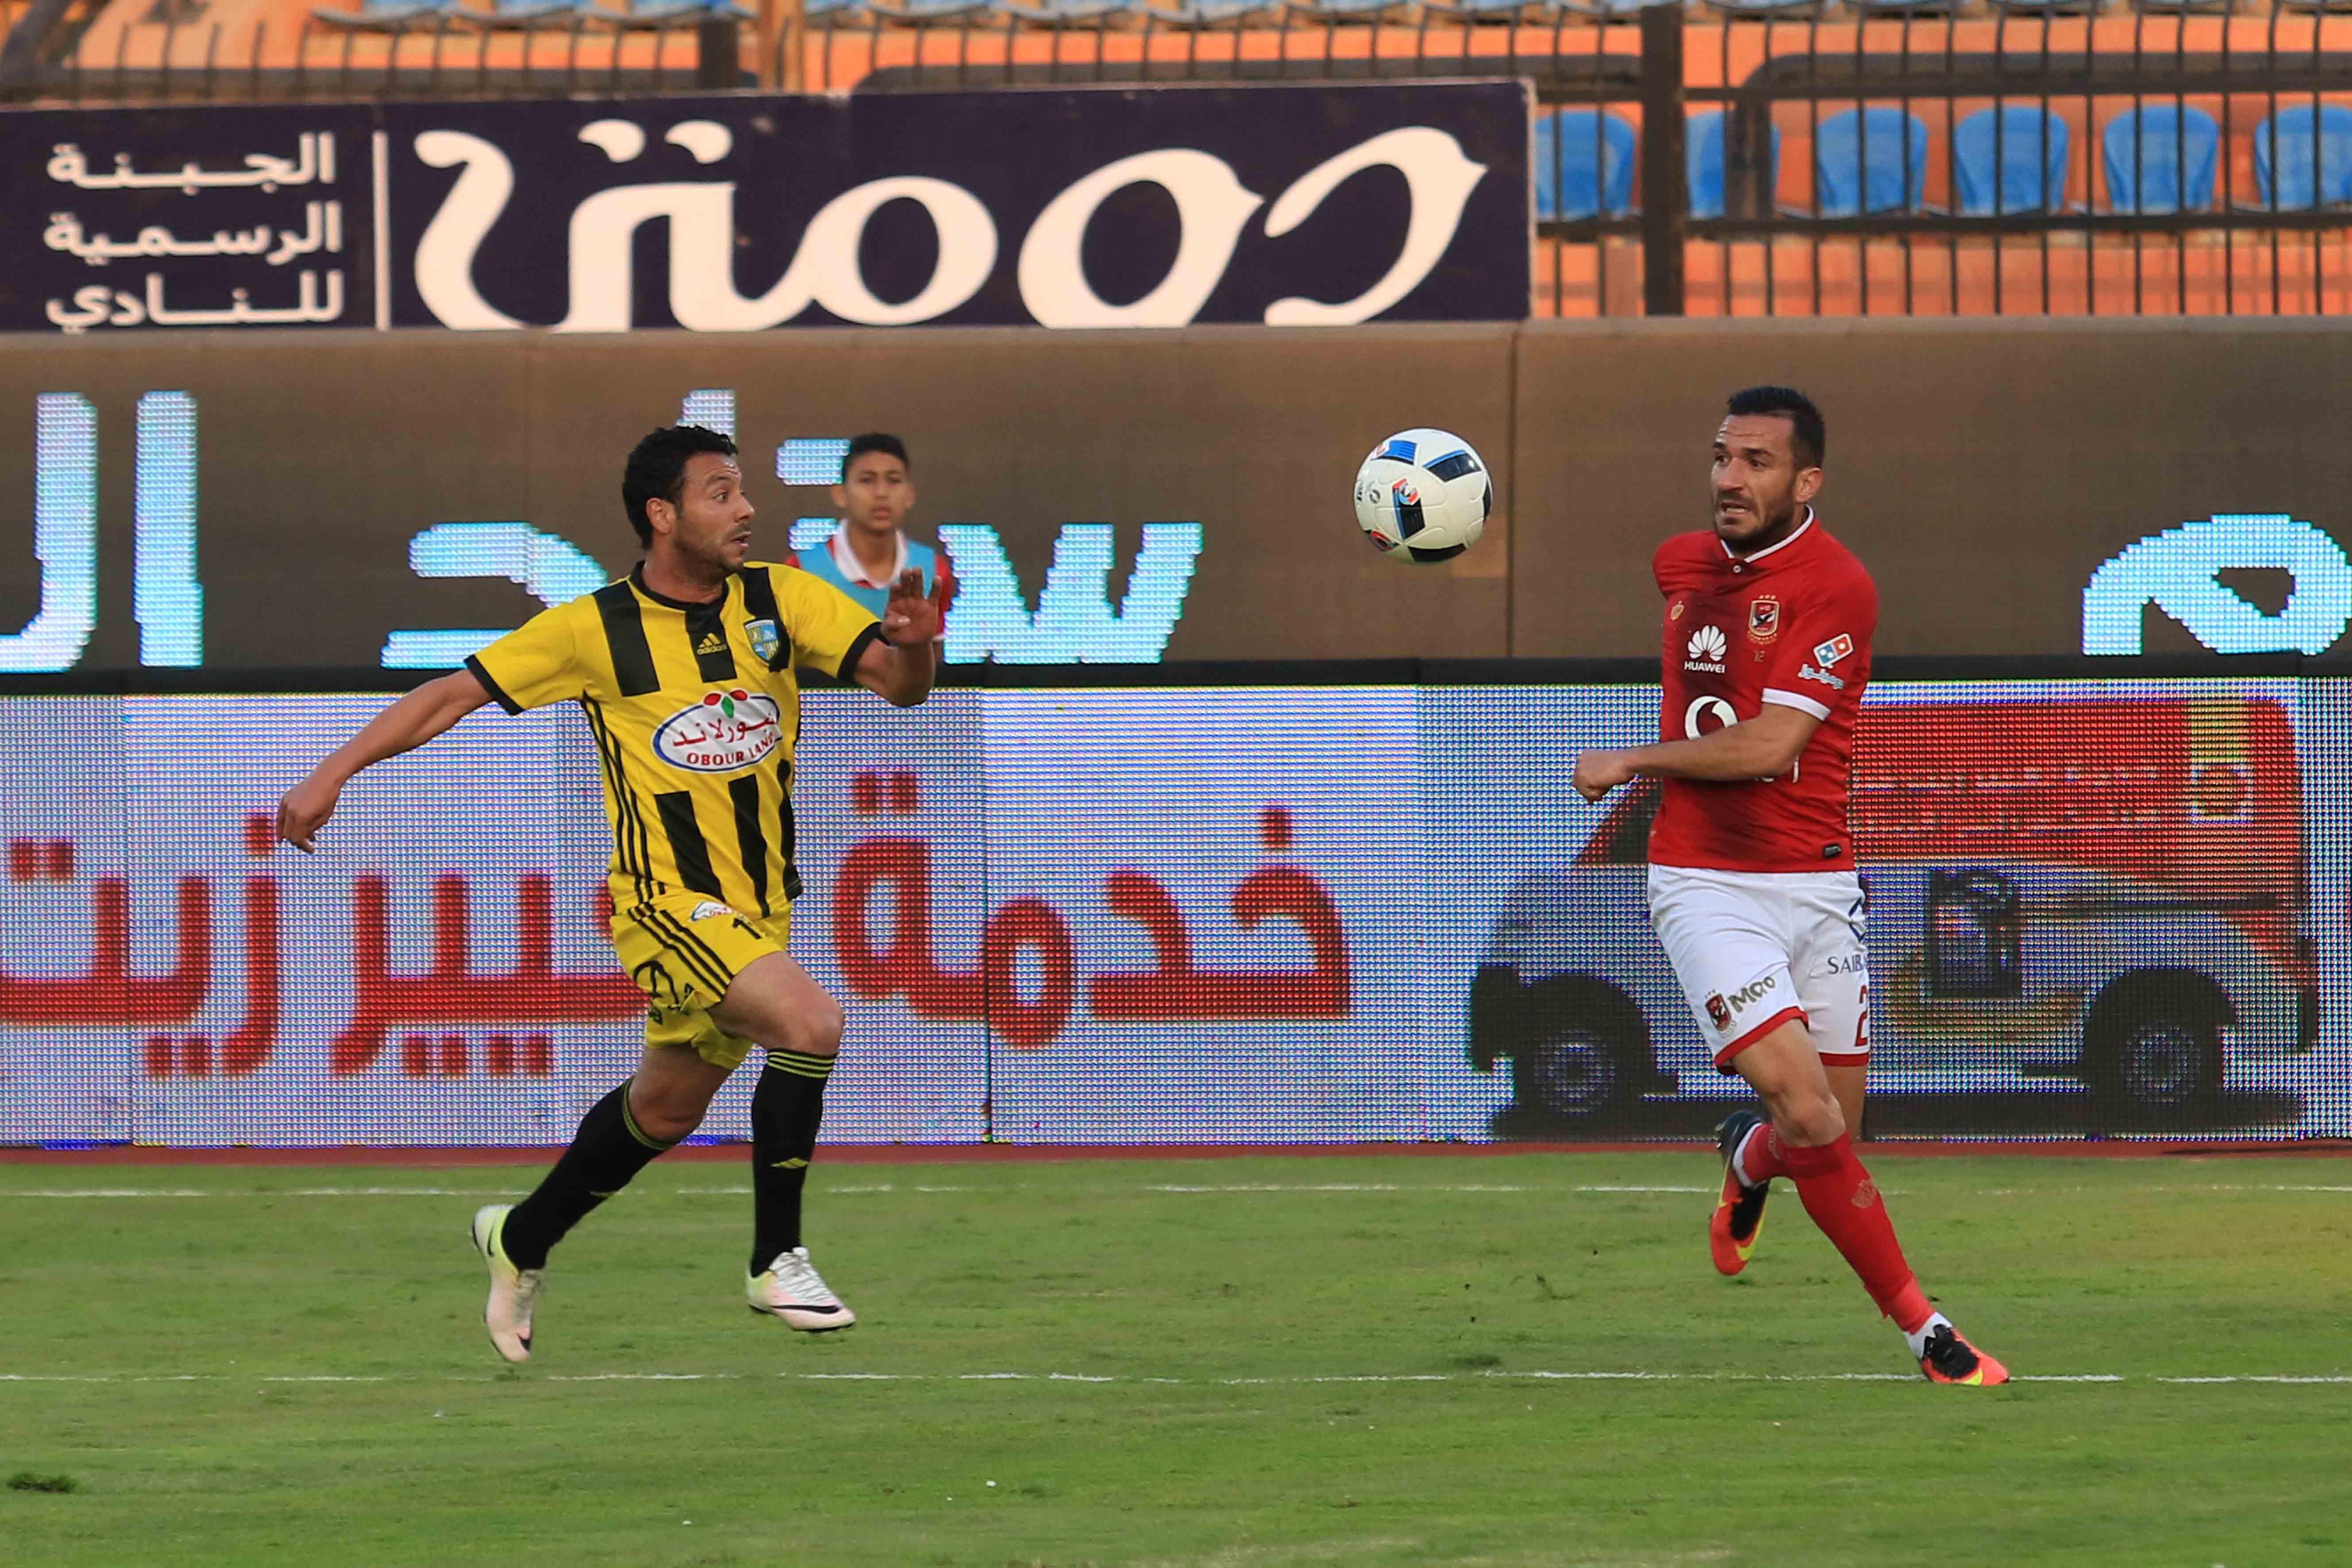 Al Ahly v Al Mokawloon